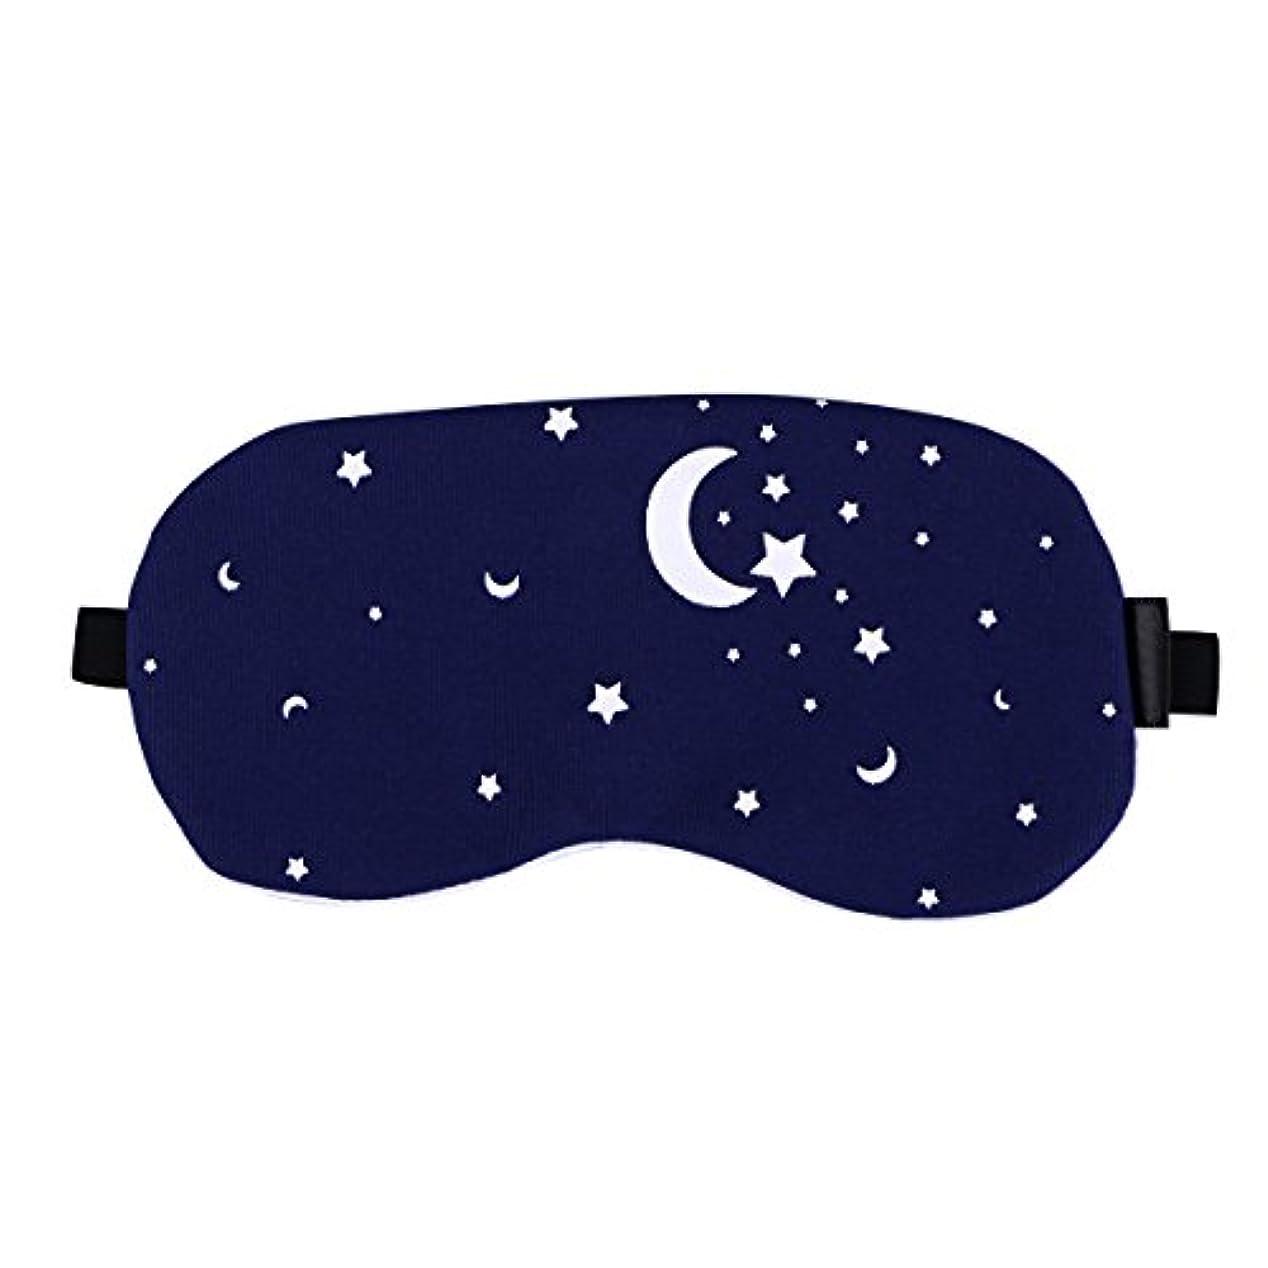 ピューペインティングしがみつくHealifty 男性と女性のための夜の眠りの目のマスクの綿とリネンの睡眠の盲目の睡眠のマスクのアイカバー調節可能なアイシェード(星空)